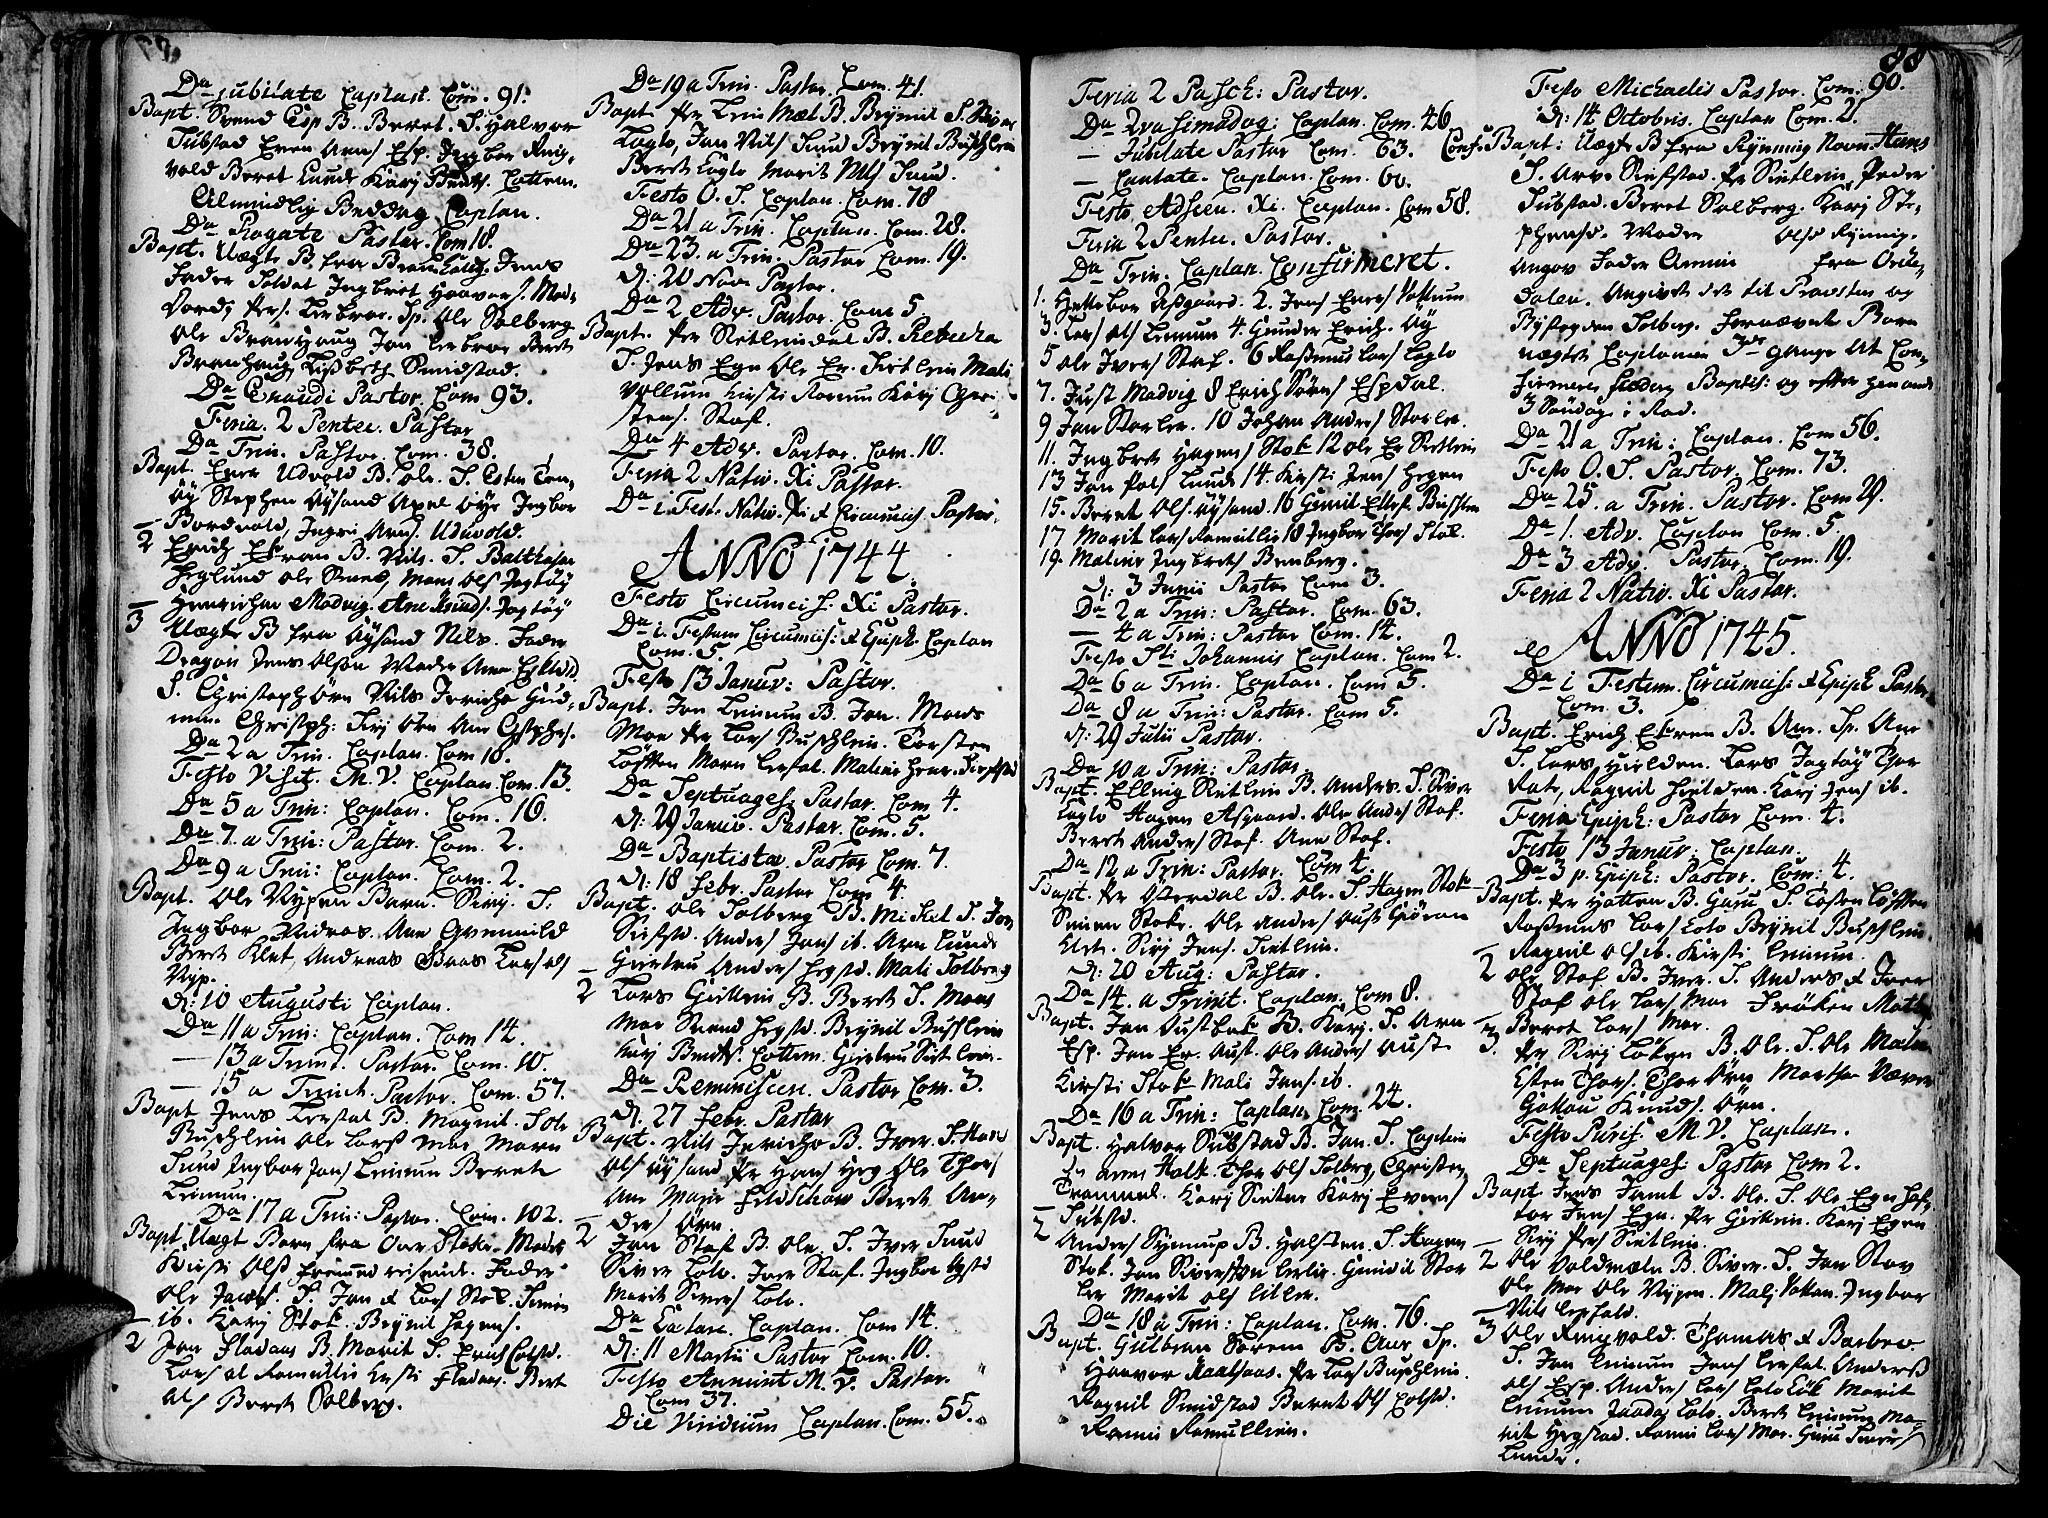 SAT, Ministerialprotokoller, klokkerbøker og fødselsregistre - Sør-Trøndelag, 691/L1059: Ministerialbok nr. 691A01 /3, 1740-1767, s. 88